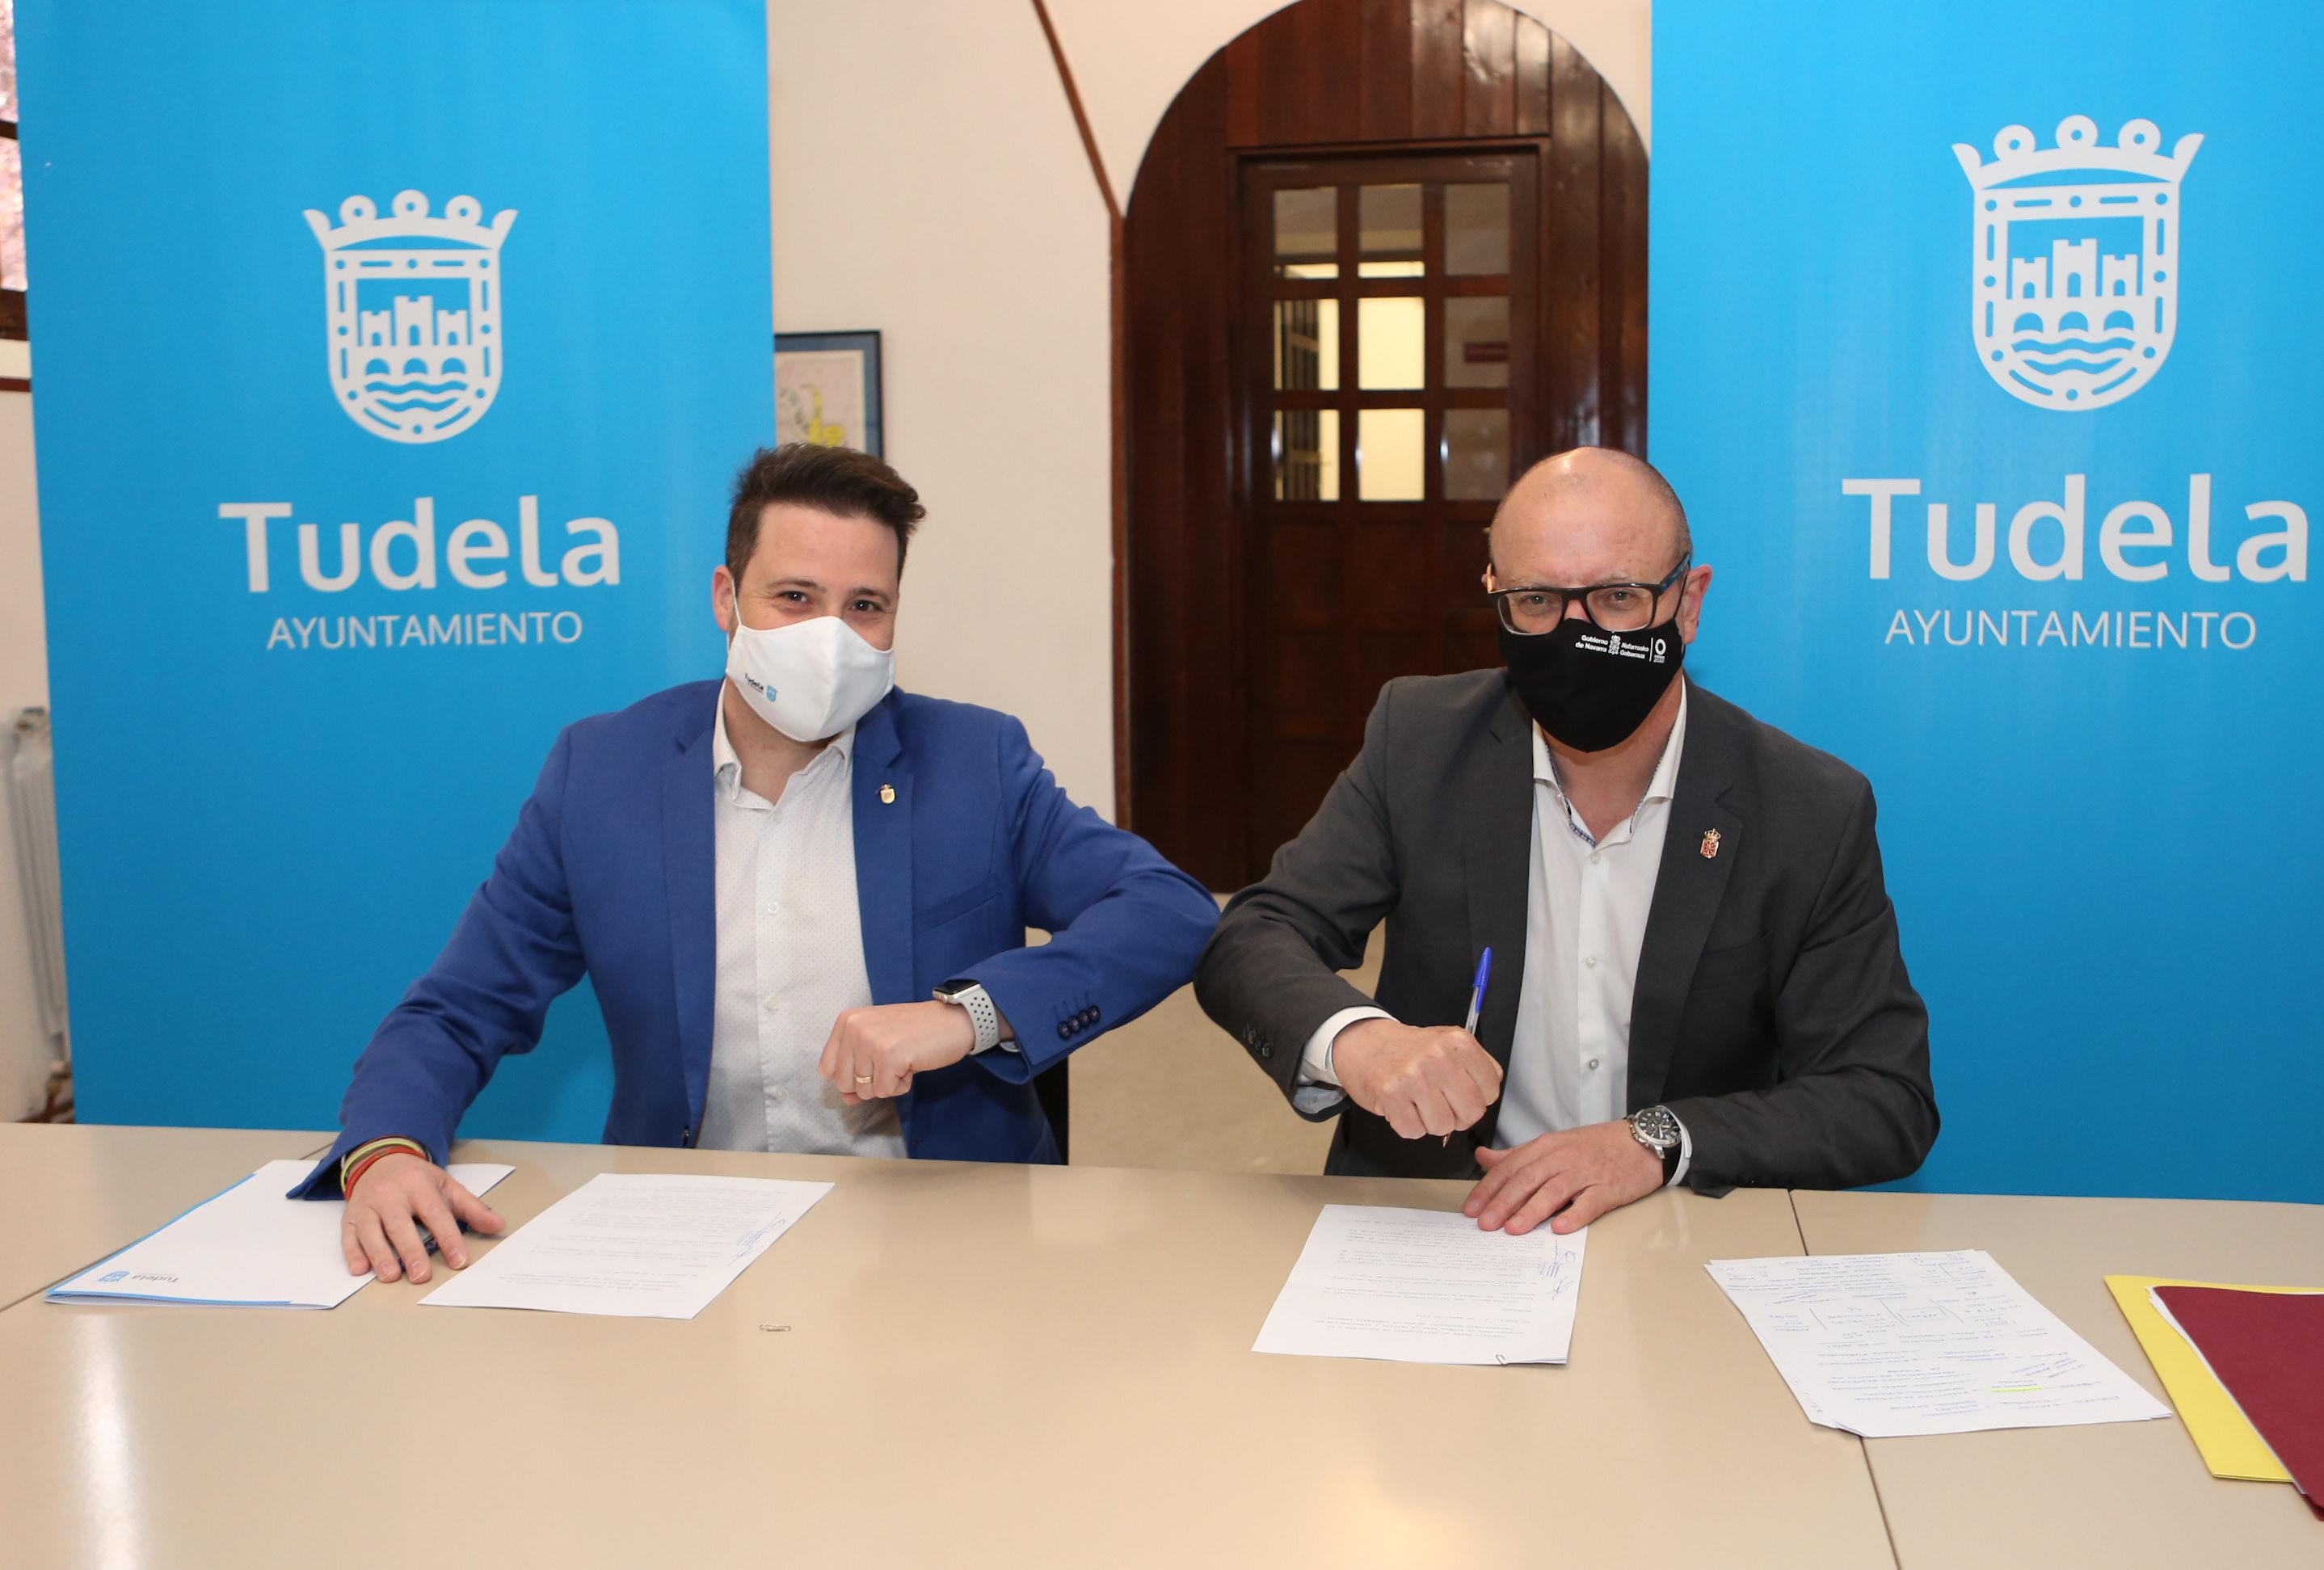 El alcalde de Tudela, Alejandro Toquero,y el consejero de Educación, Carlos Gimeno.